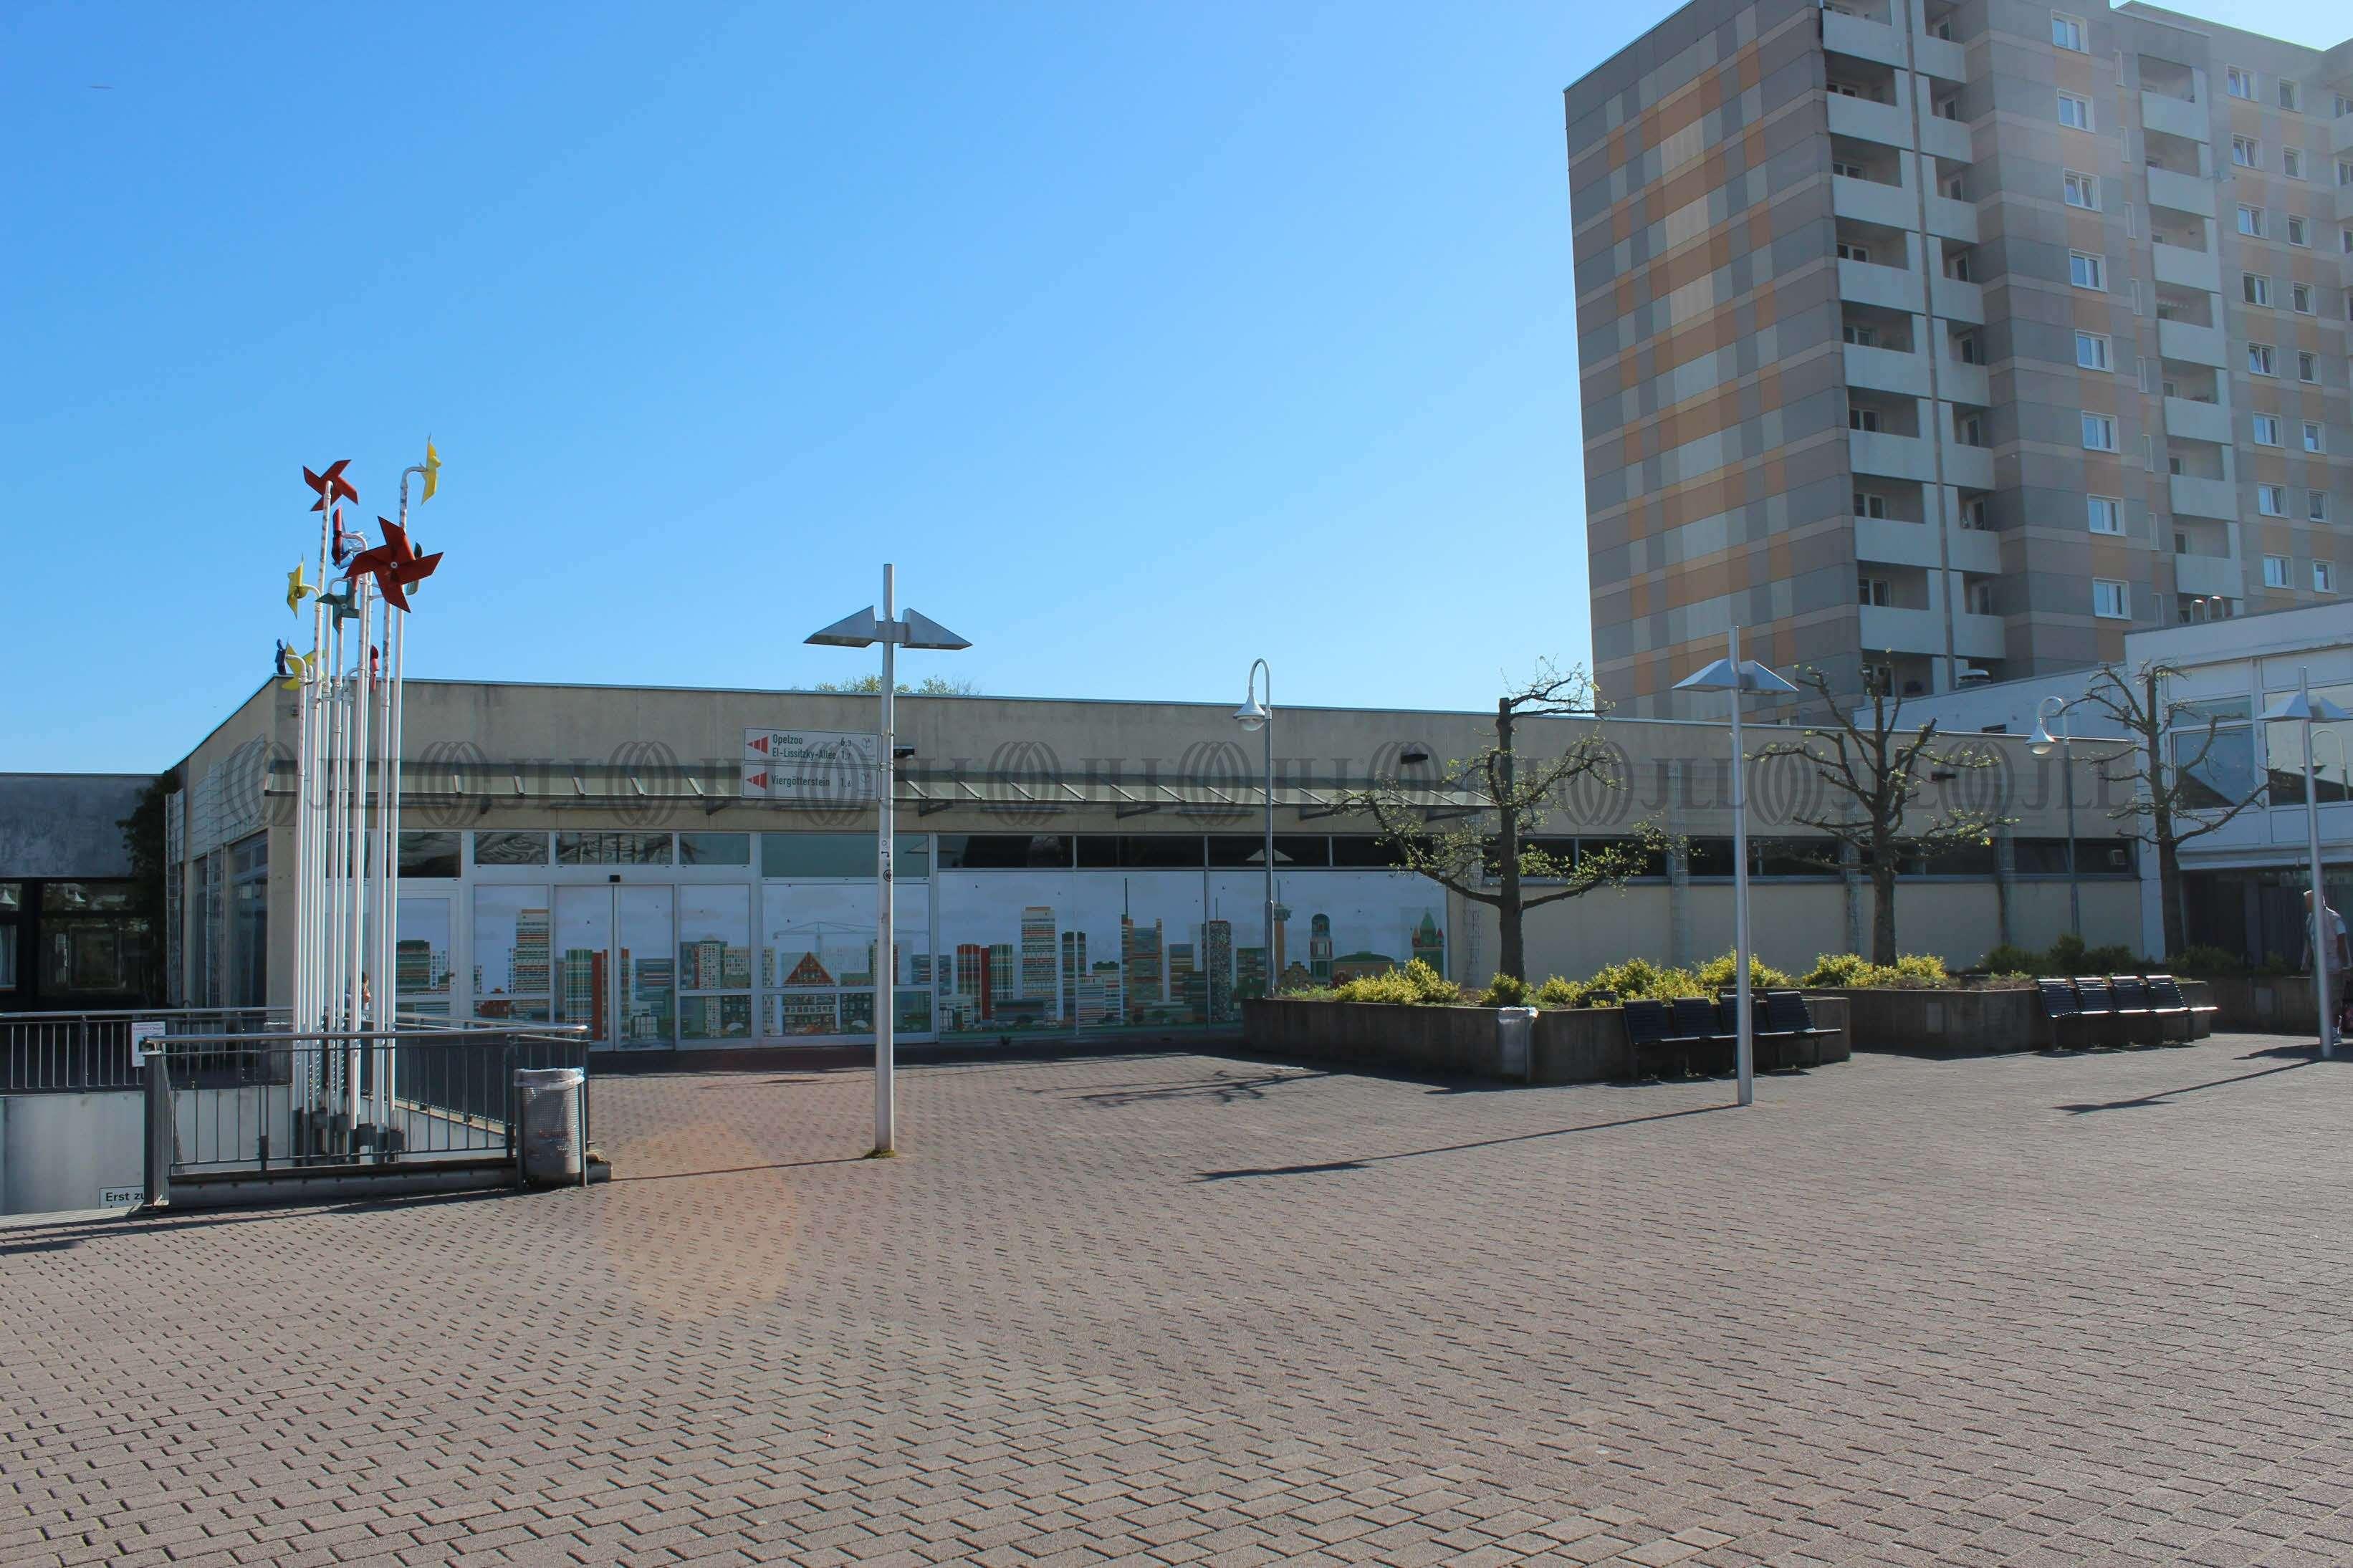 Ladenflächen Schwalbach am taunus, 65824 - Ladenfläche - Schwalbach am Taunus, Zentrum - E0793 - 9586418